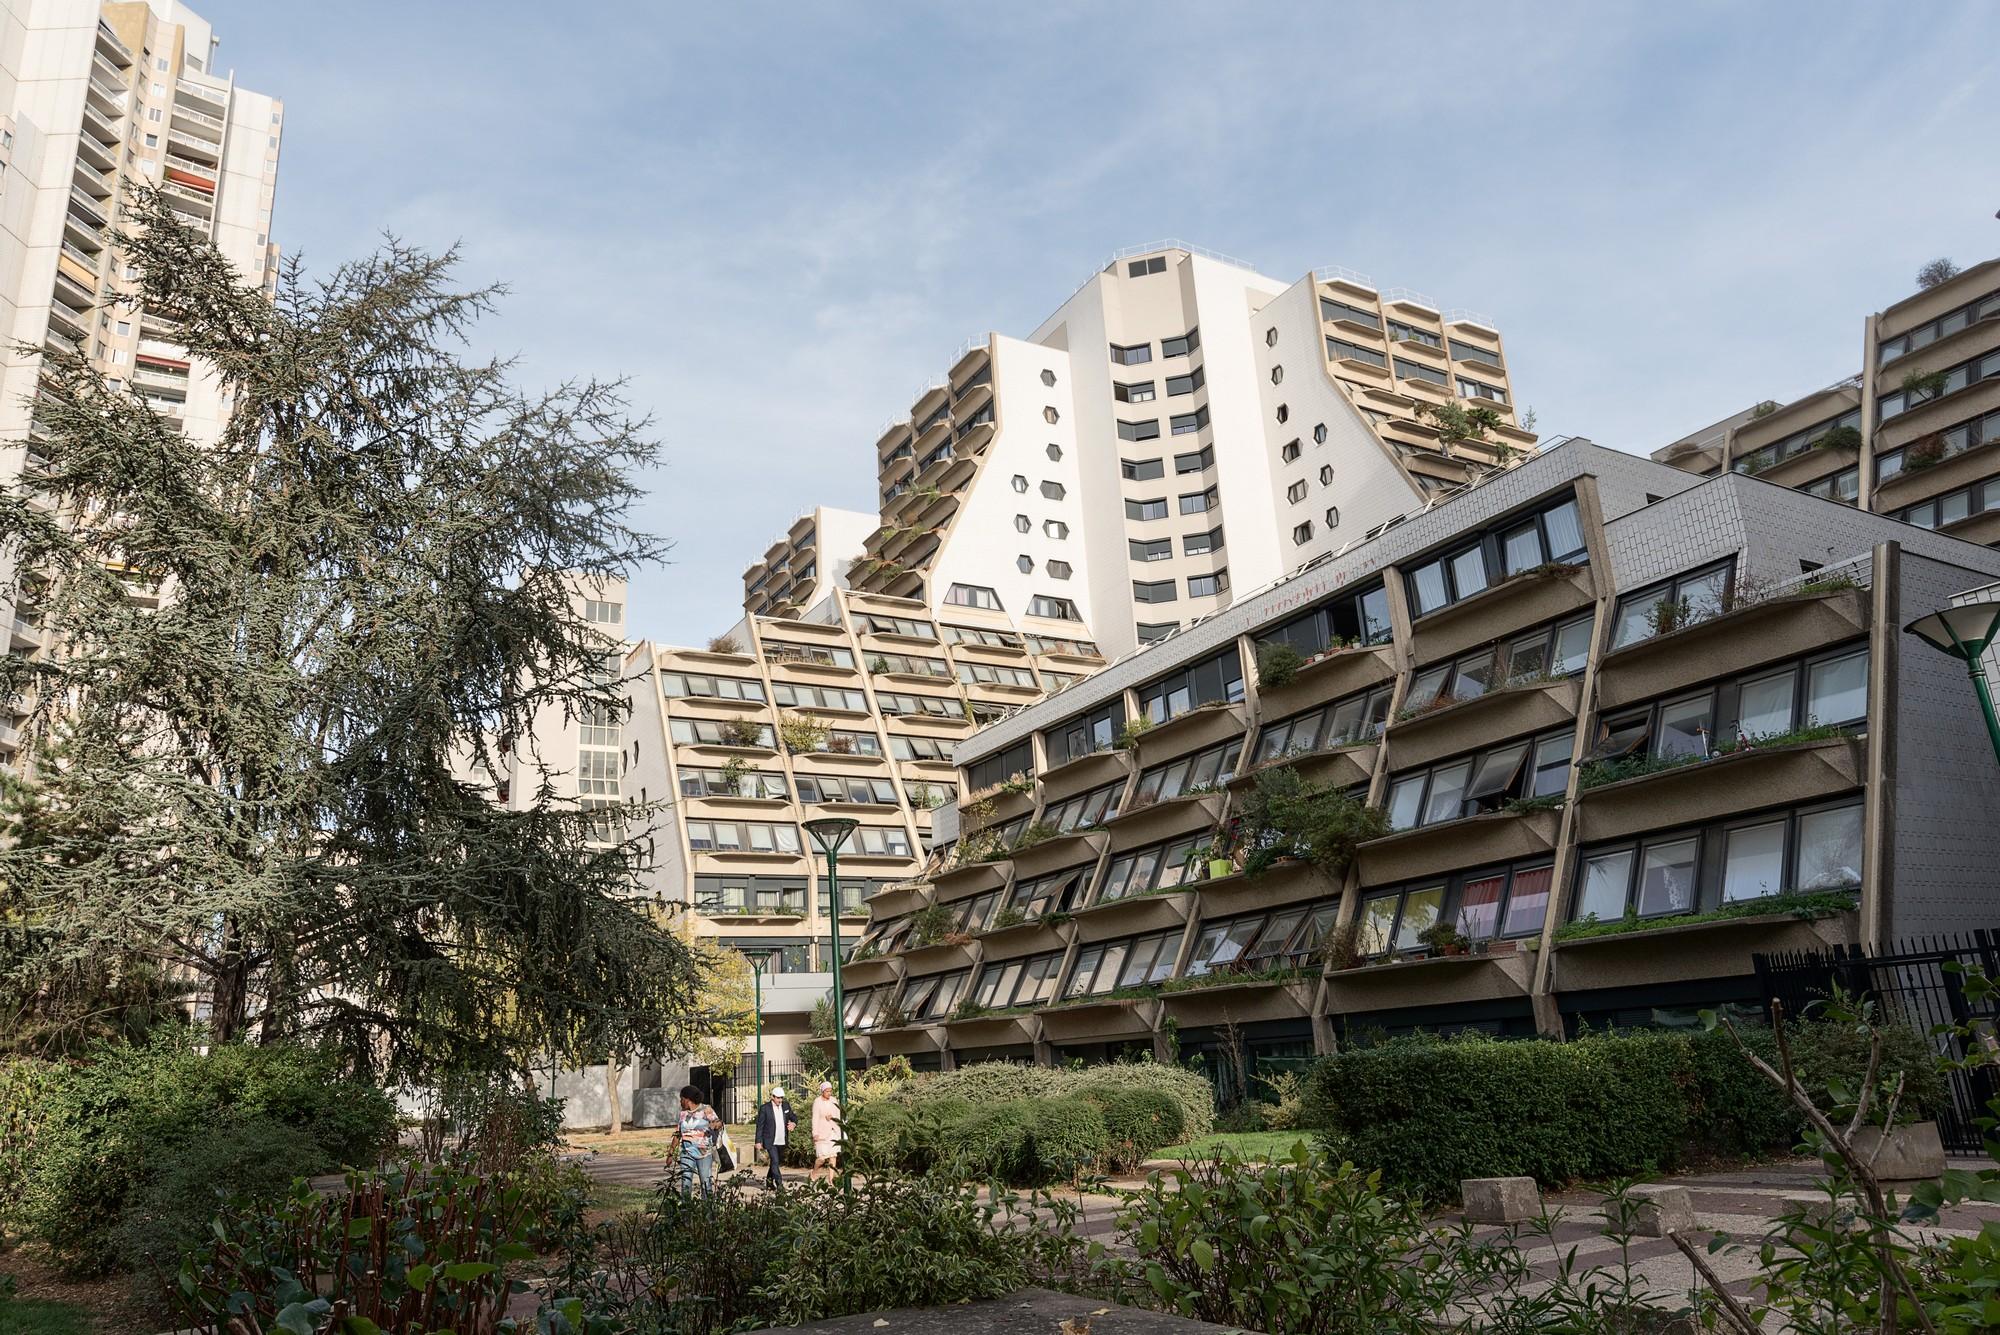 Orgues de Flandre of Martin Van Trek, 1980 france iledefrance paris brutalist brutalistarchitecture architecture modernarchitecture orguesdeflandre 19eme paris19ème 19emearrondissement martinvantrek.jpg